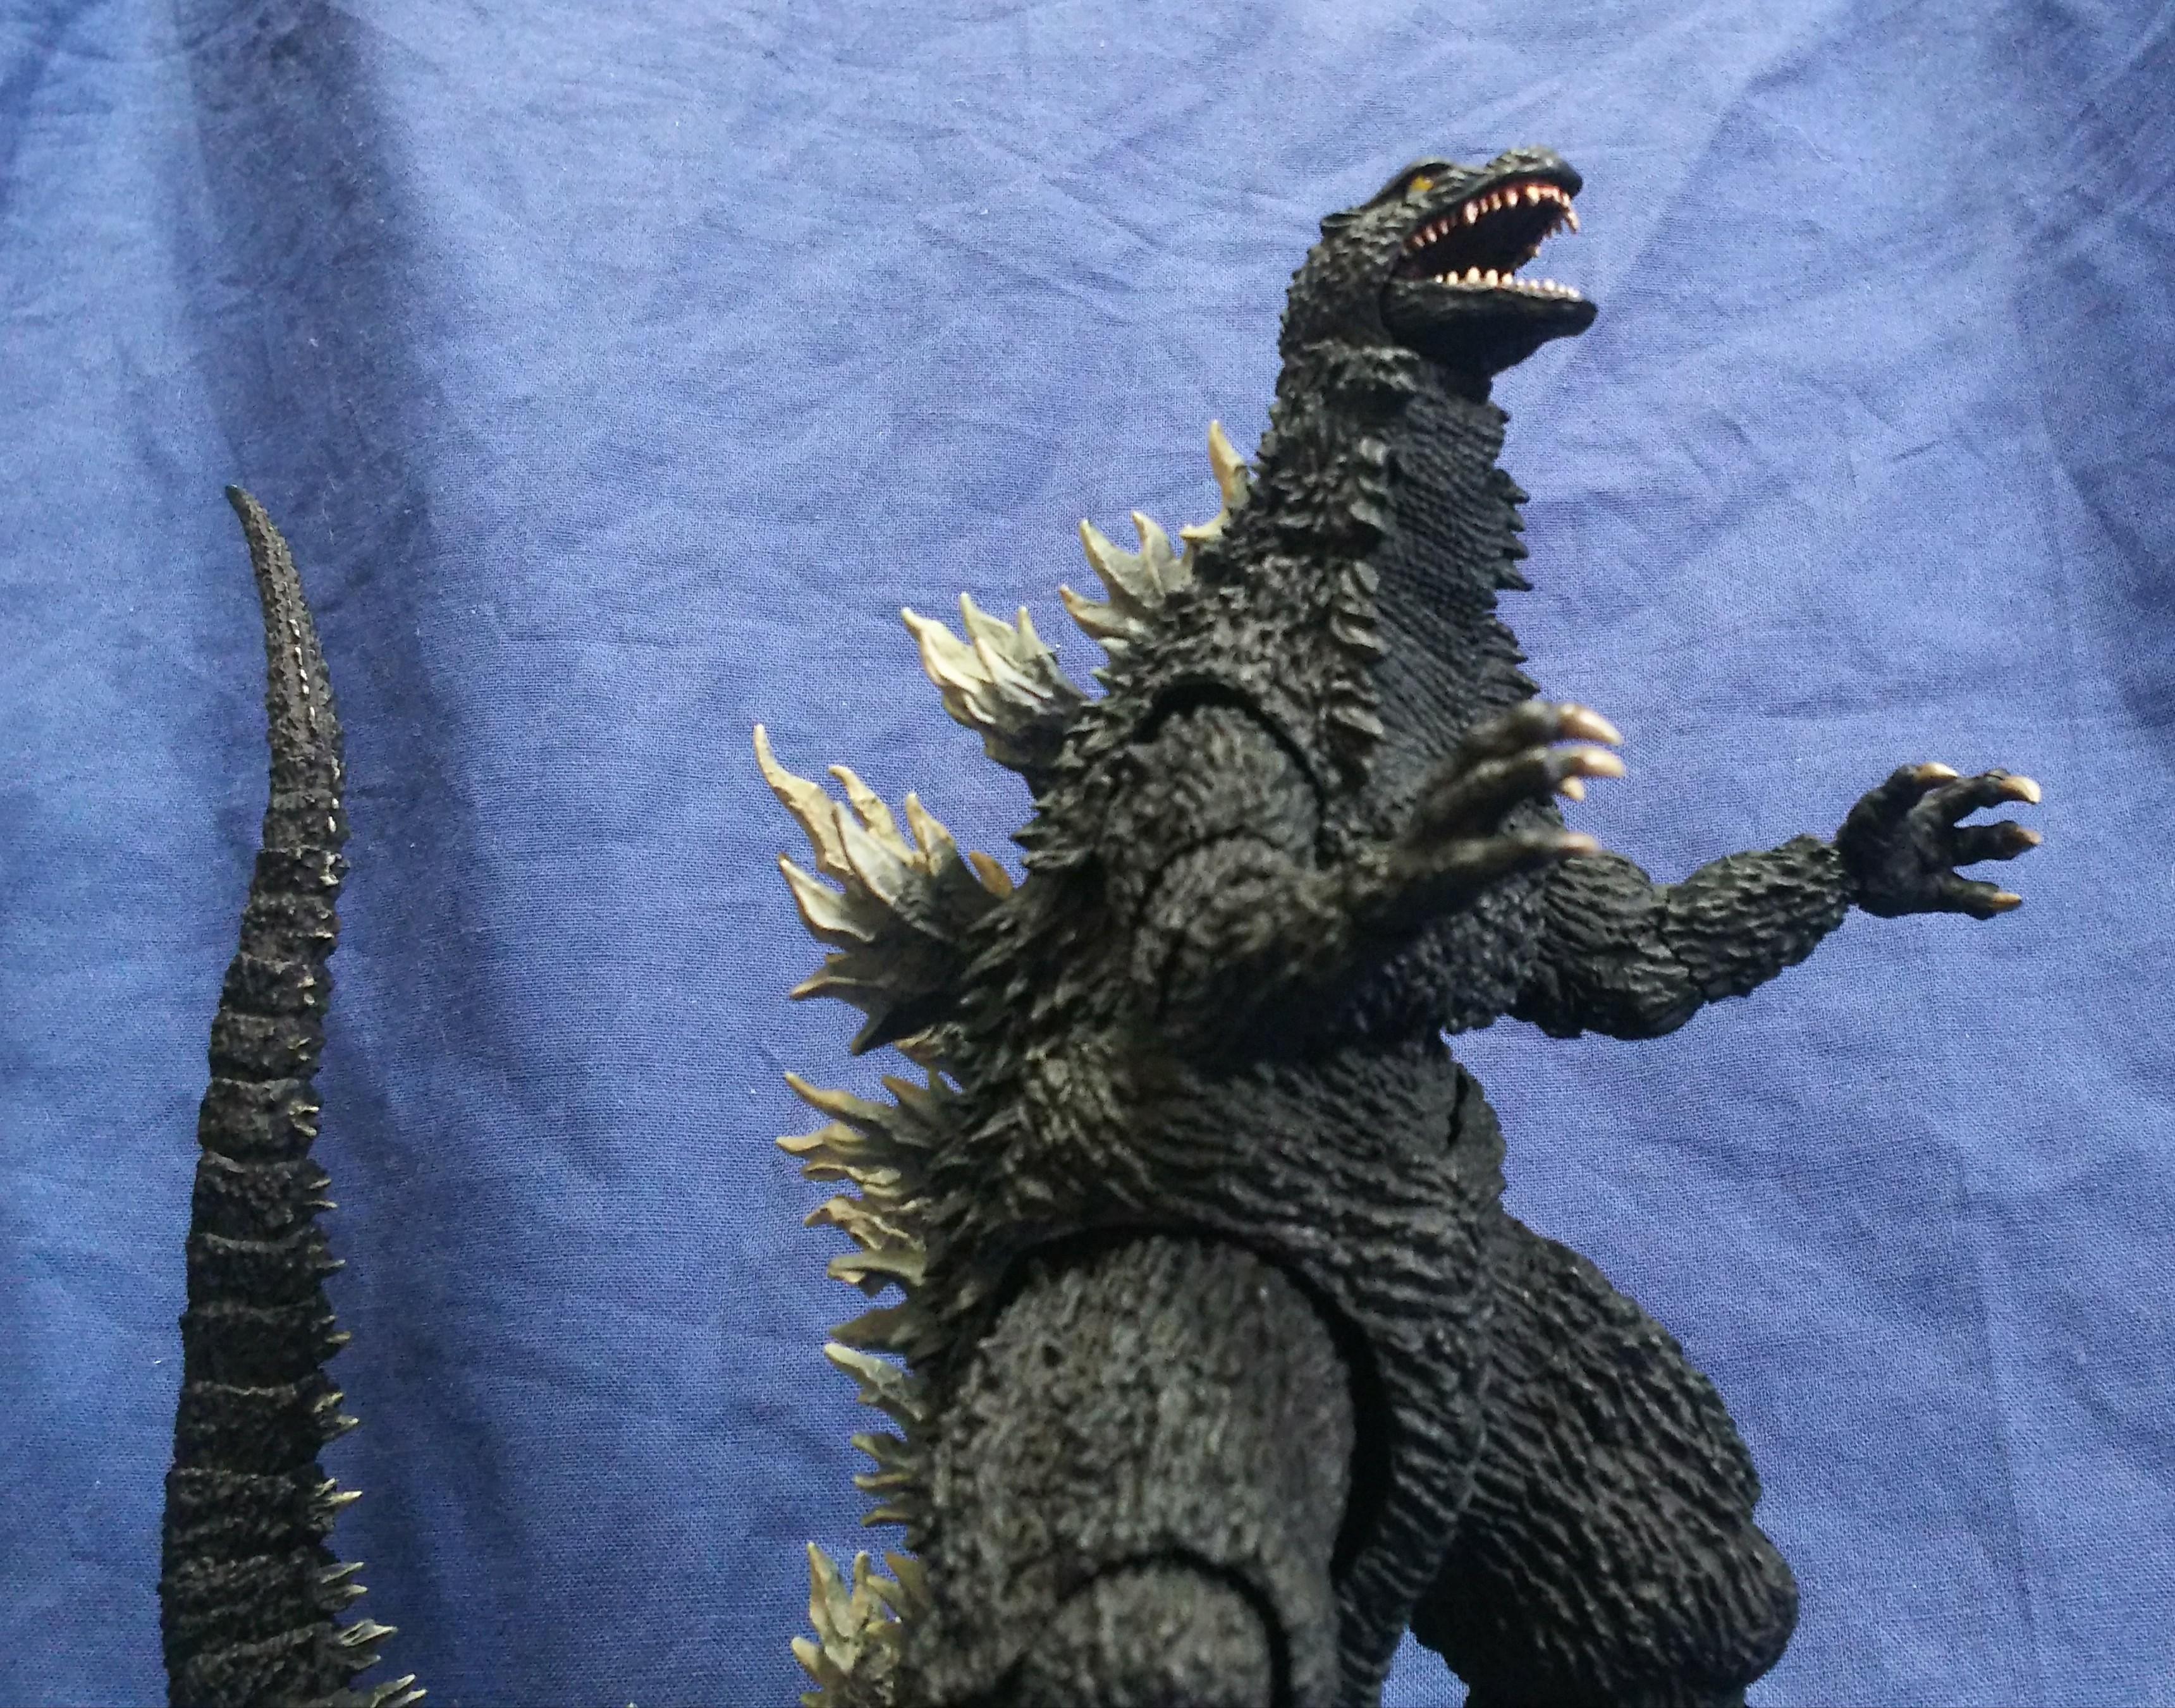 ゴジラ 2002;S.H.MonsterArts レビュー , ミッシェルの日常